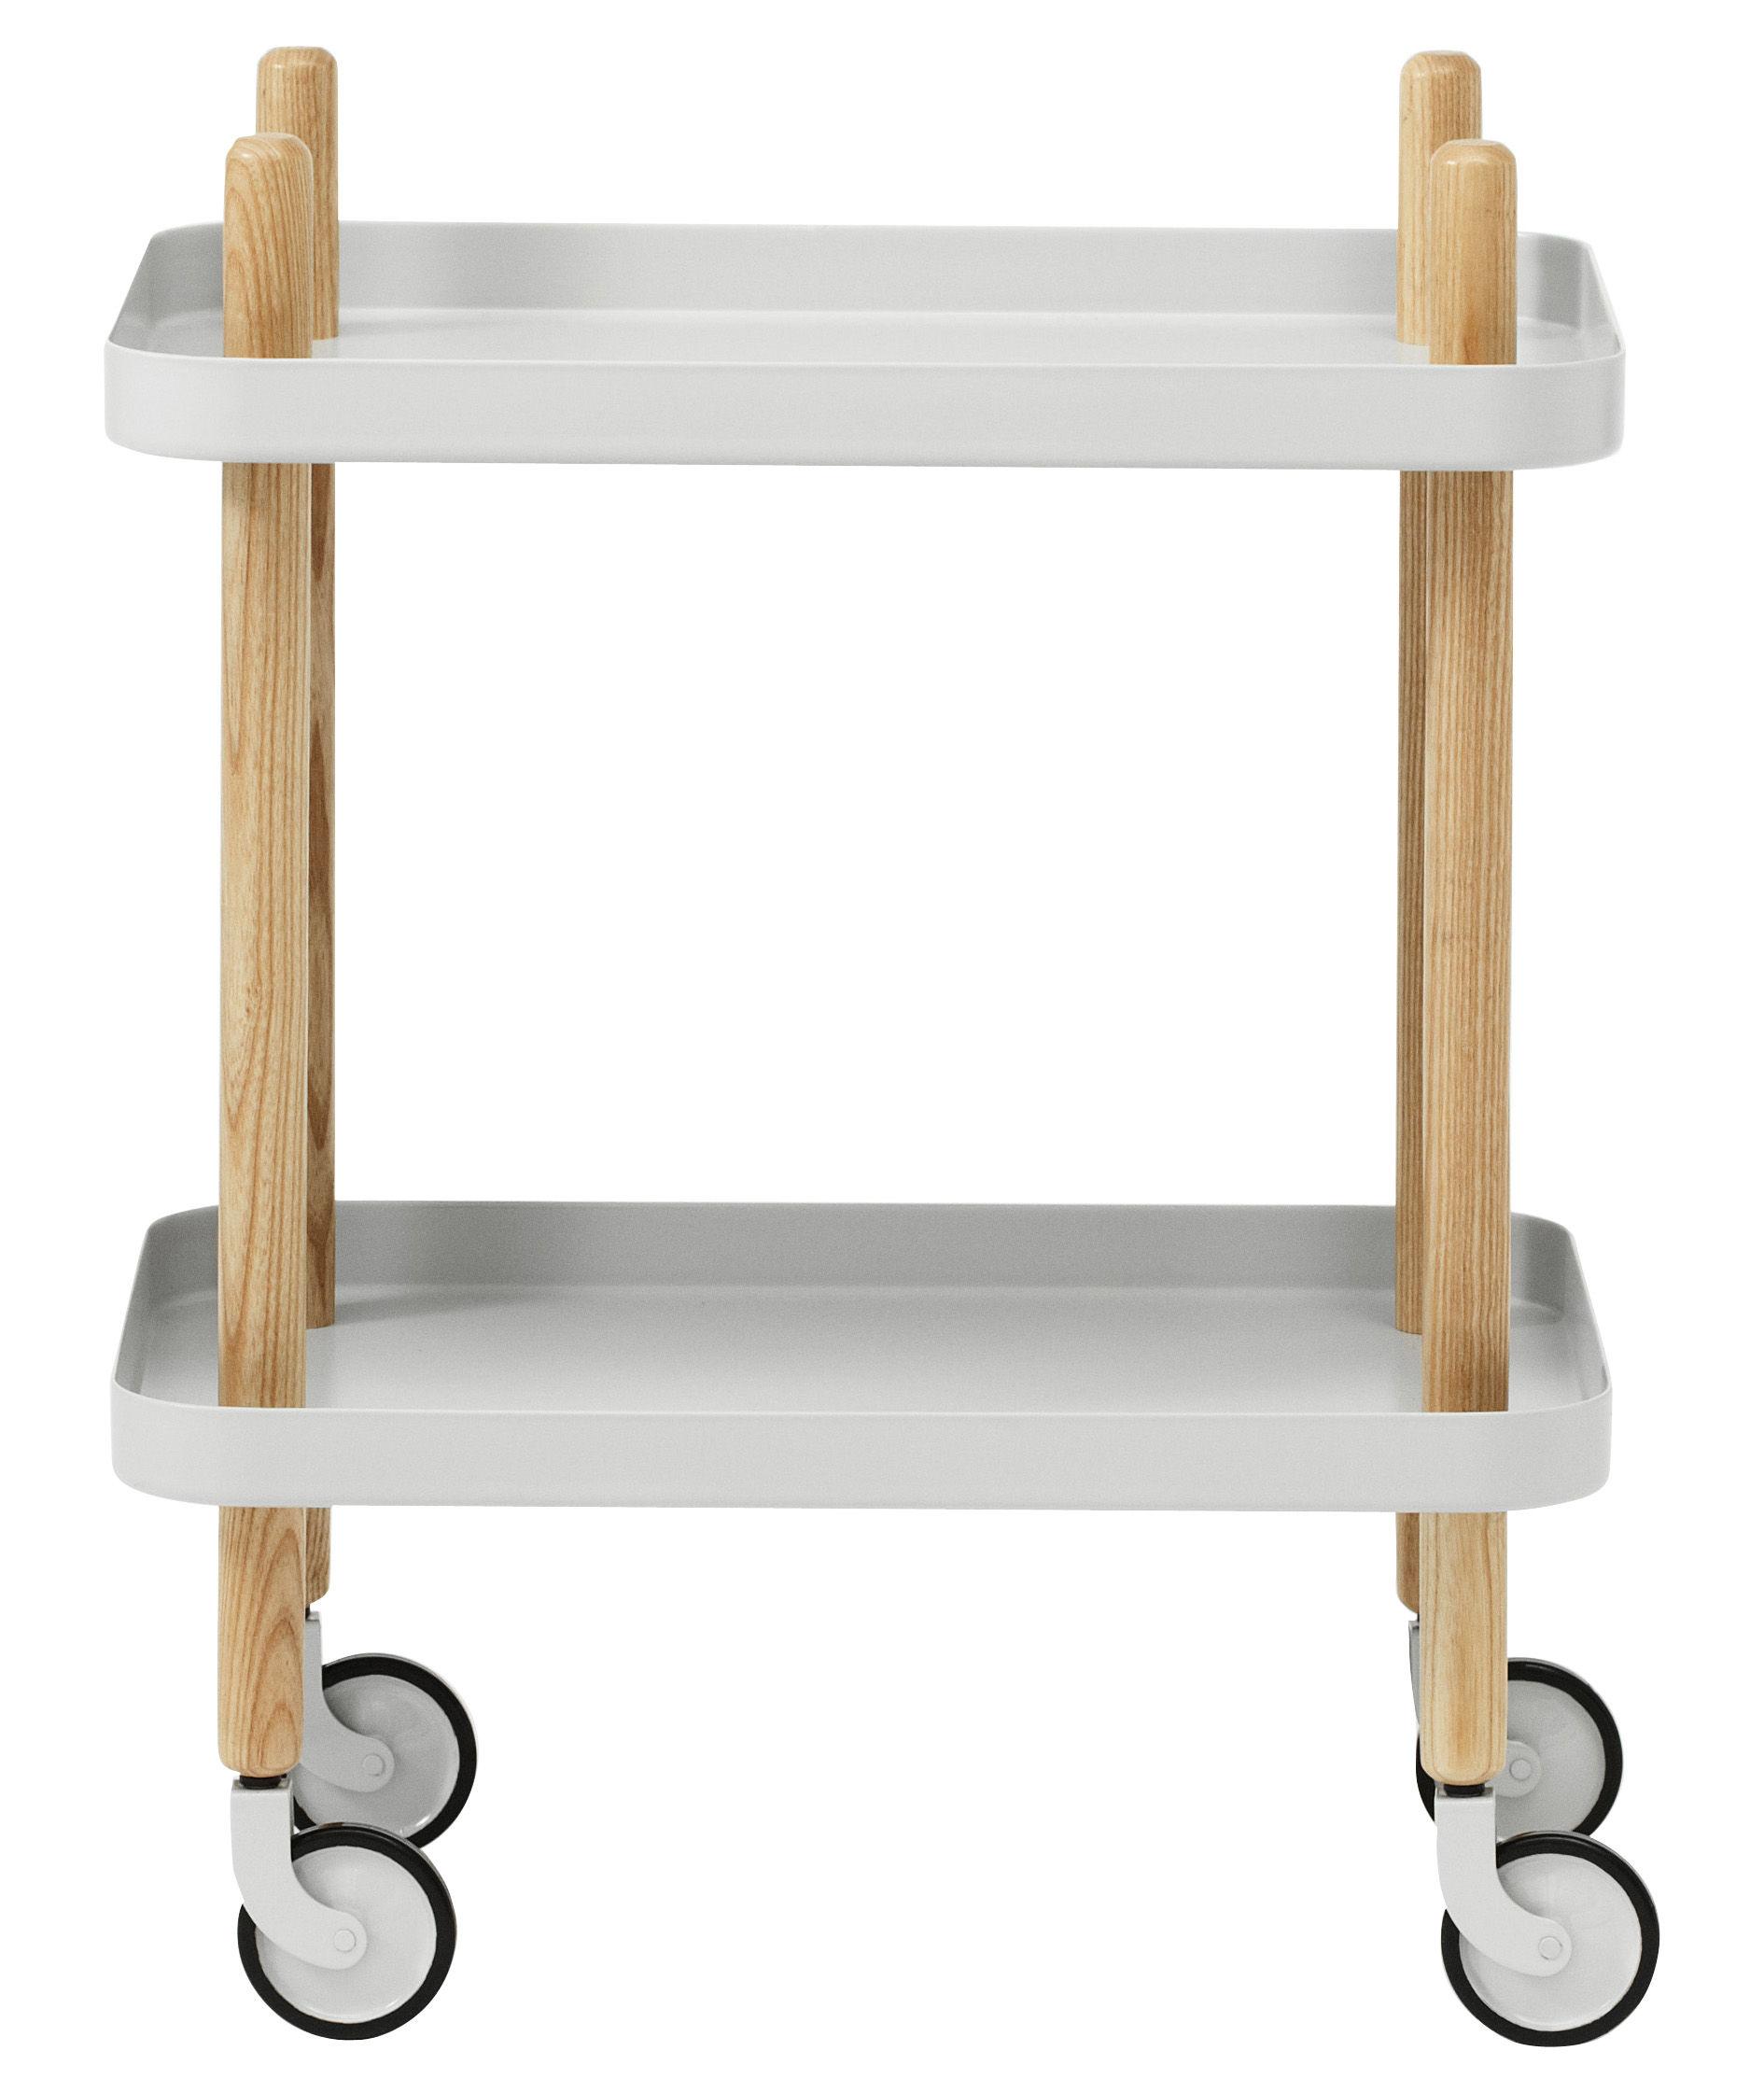 Mobilier - Compléments d'ameublement - Desserte Block / 50 x 35 cm - Normann Copenhagen - Gris clair - Acier, Frêne